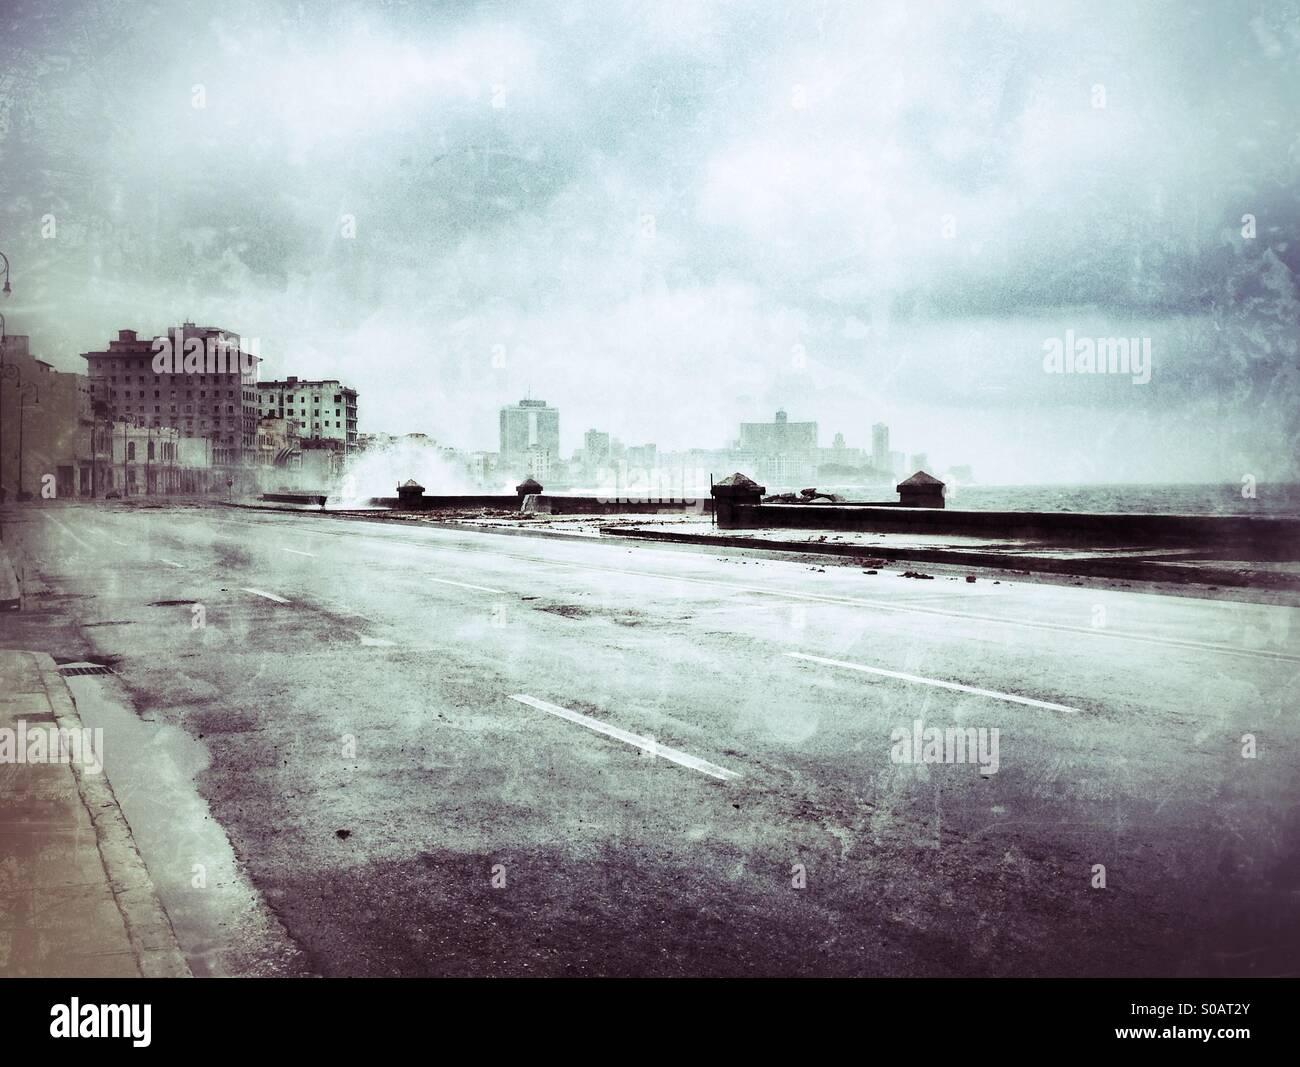 Svuotare il Malecon strada in un giorno di tempesta in Havana, Cuba Immagini Stock